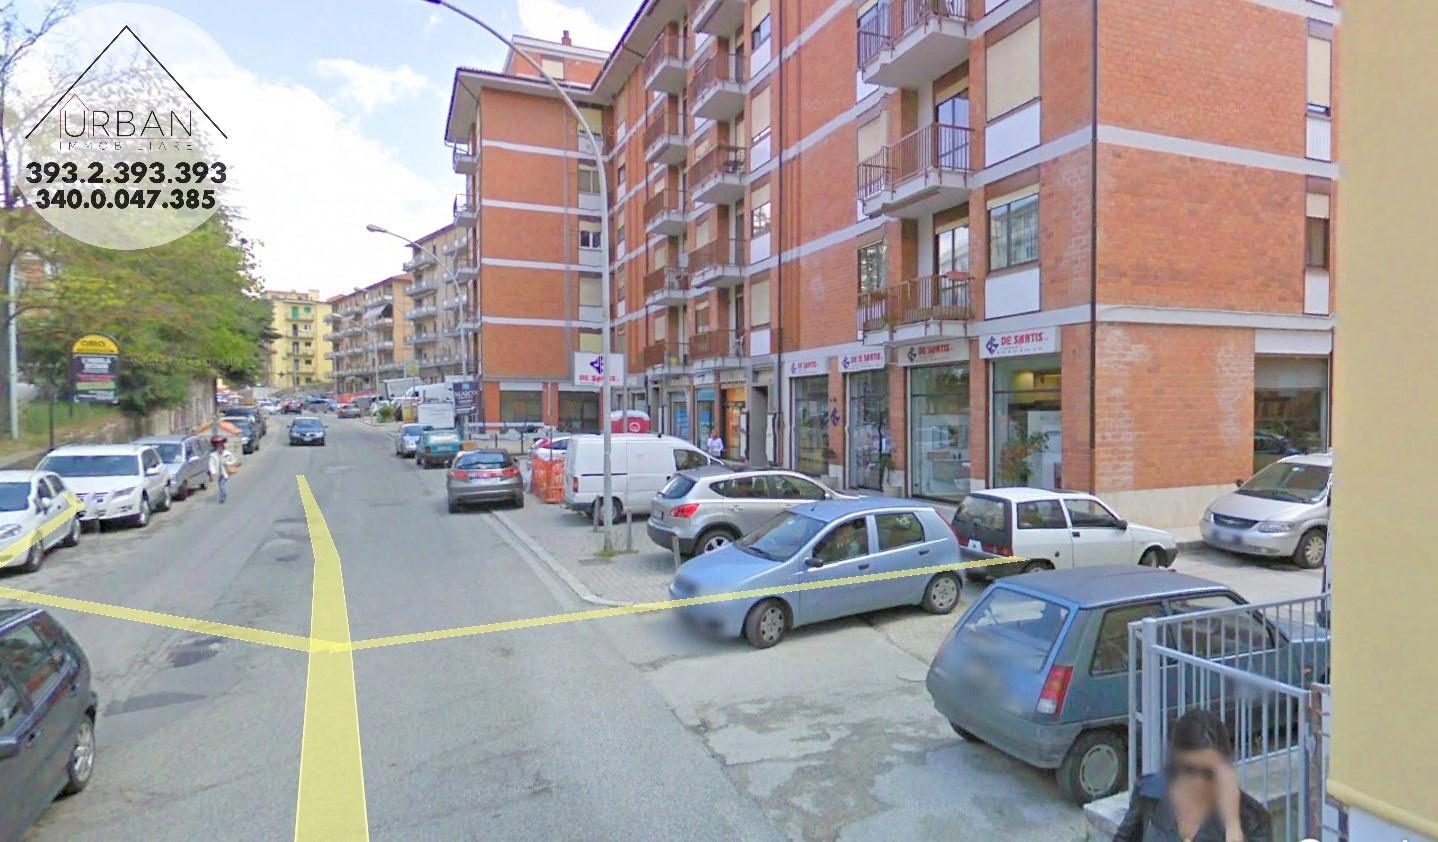 L'Aquila (AQ) - Via Strinella